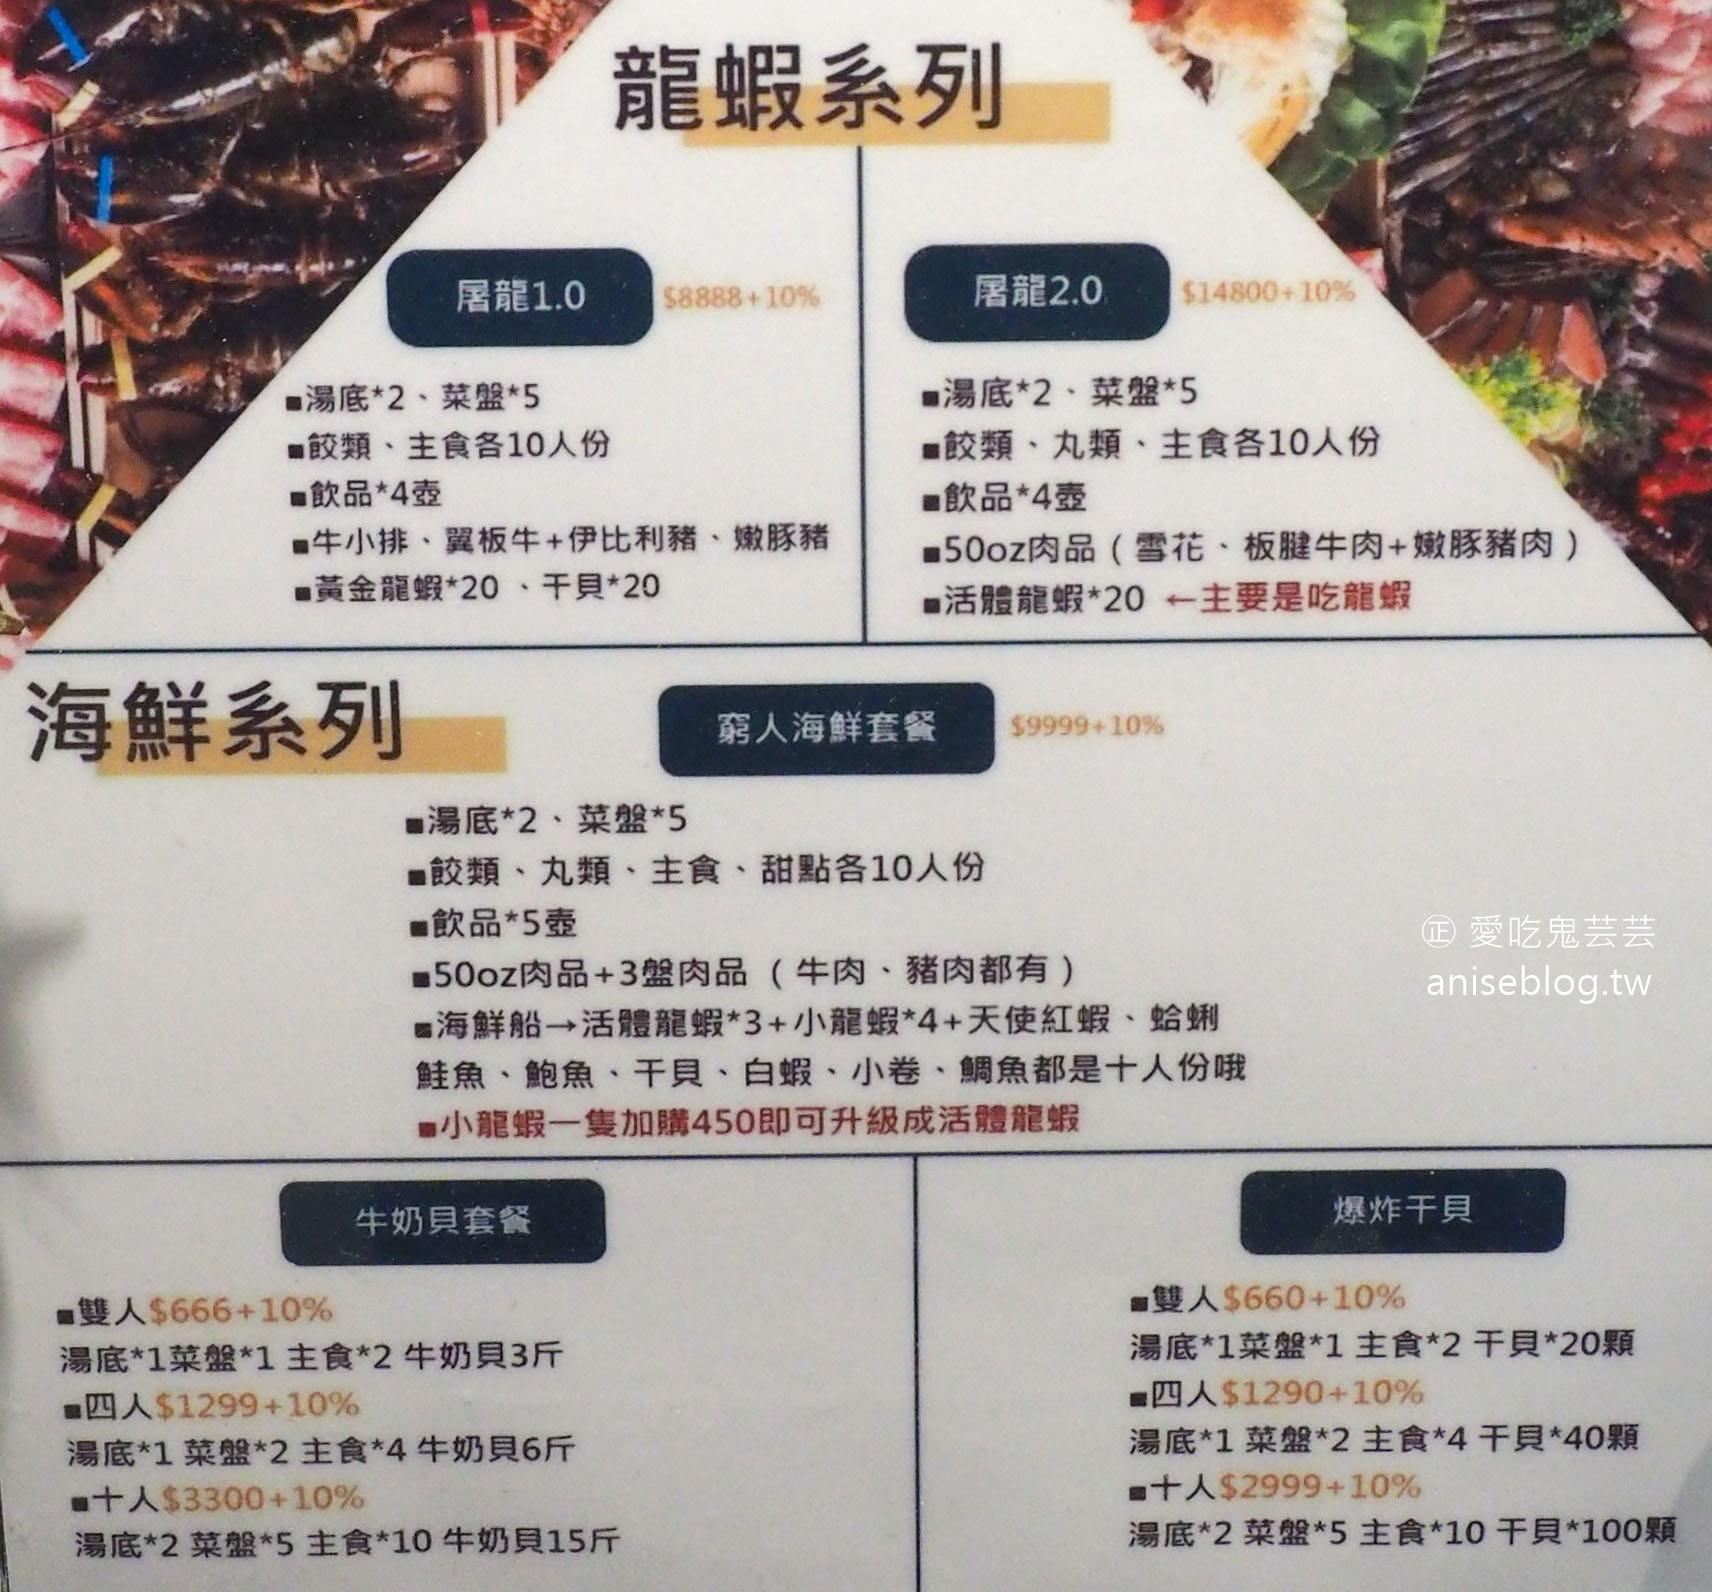 深紅汕頭鍋物   屠龍2.0活龍蝦痛風鍋,來自台中的超浮誇系火鍋 (請事先預約)